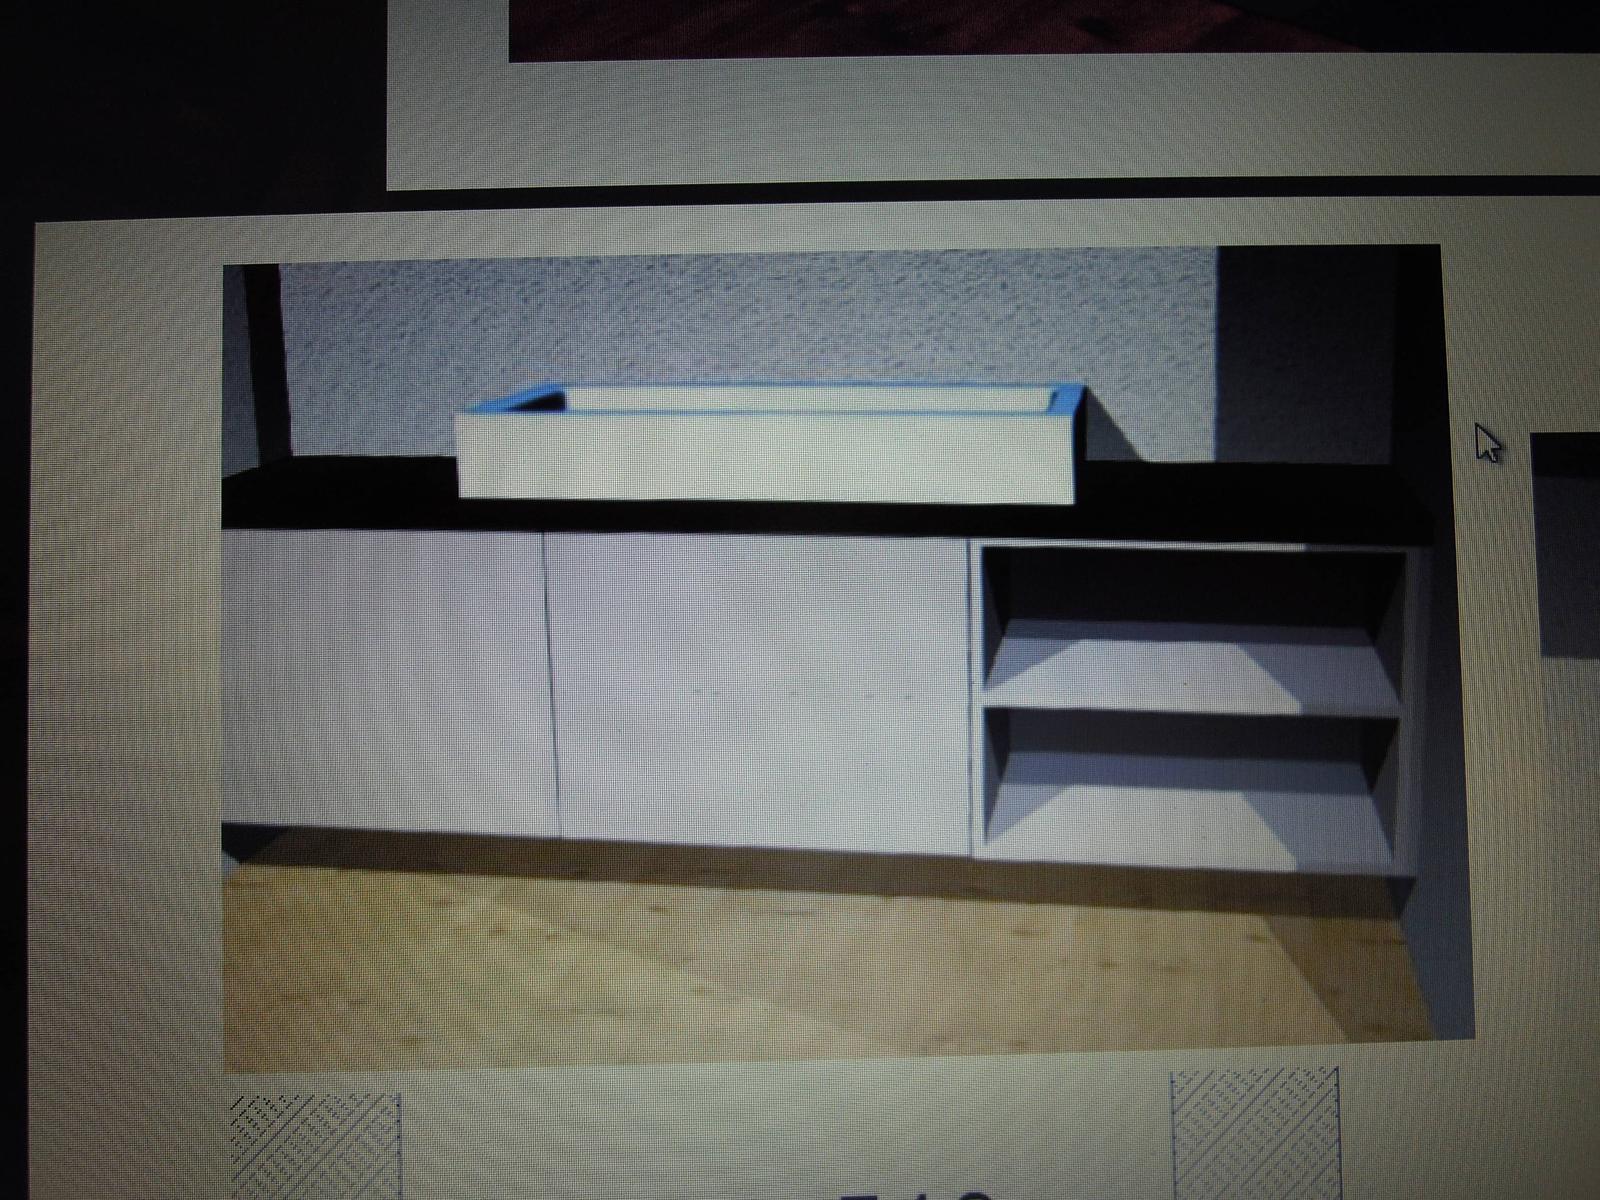 Budeme mít koupelnové skříňky... - Obrázek č. 3